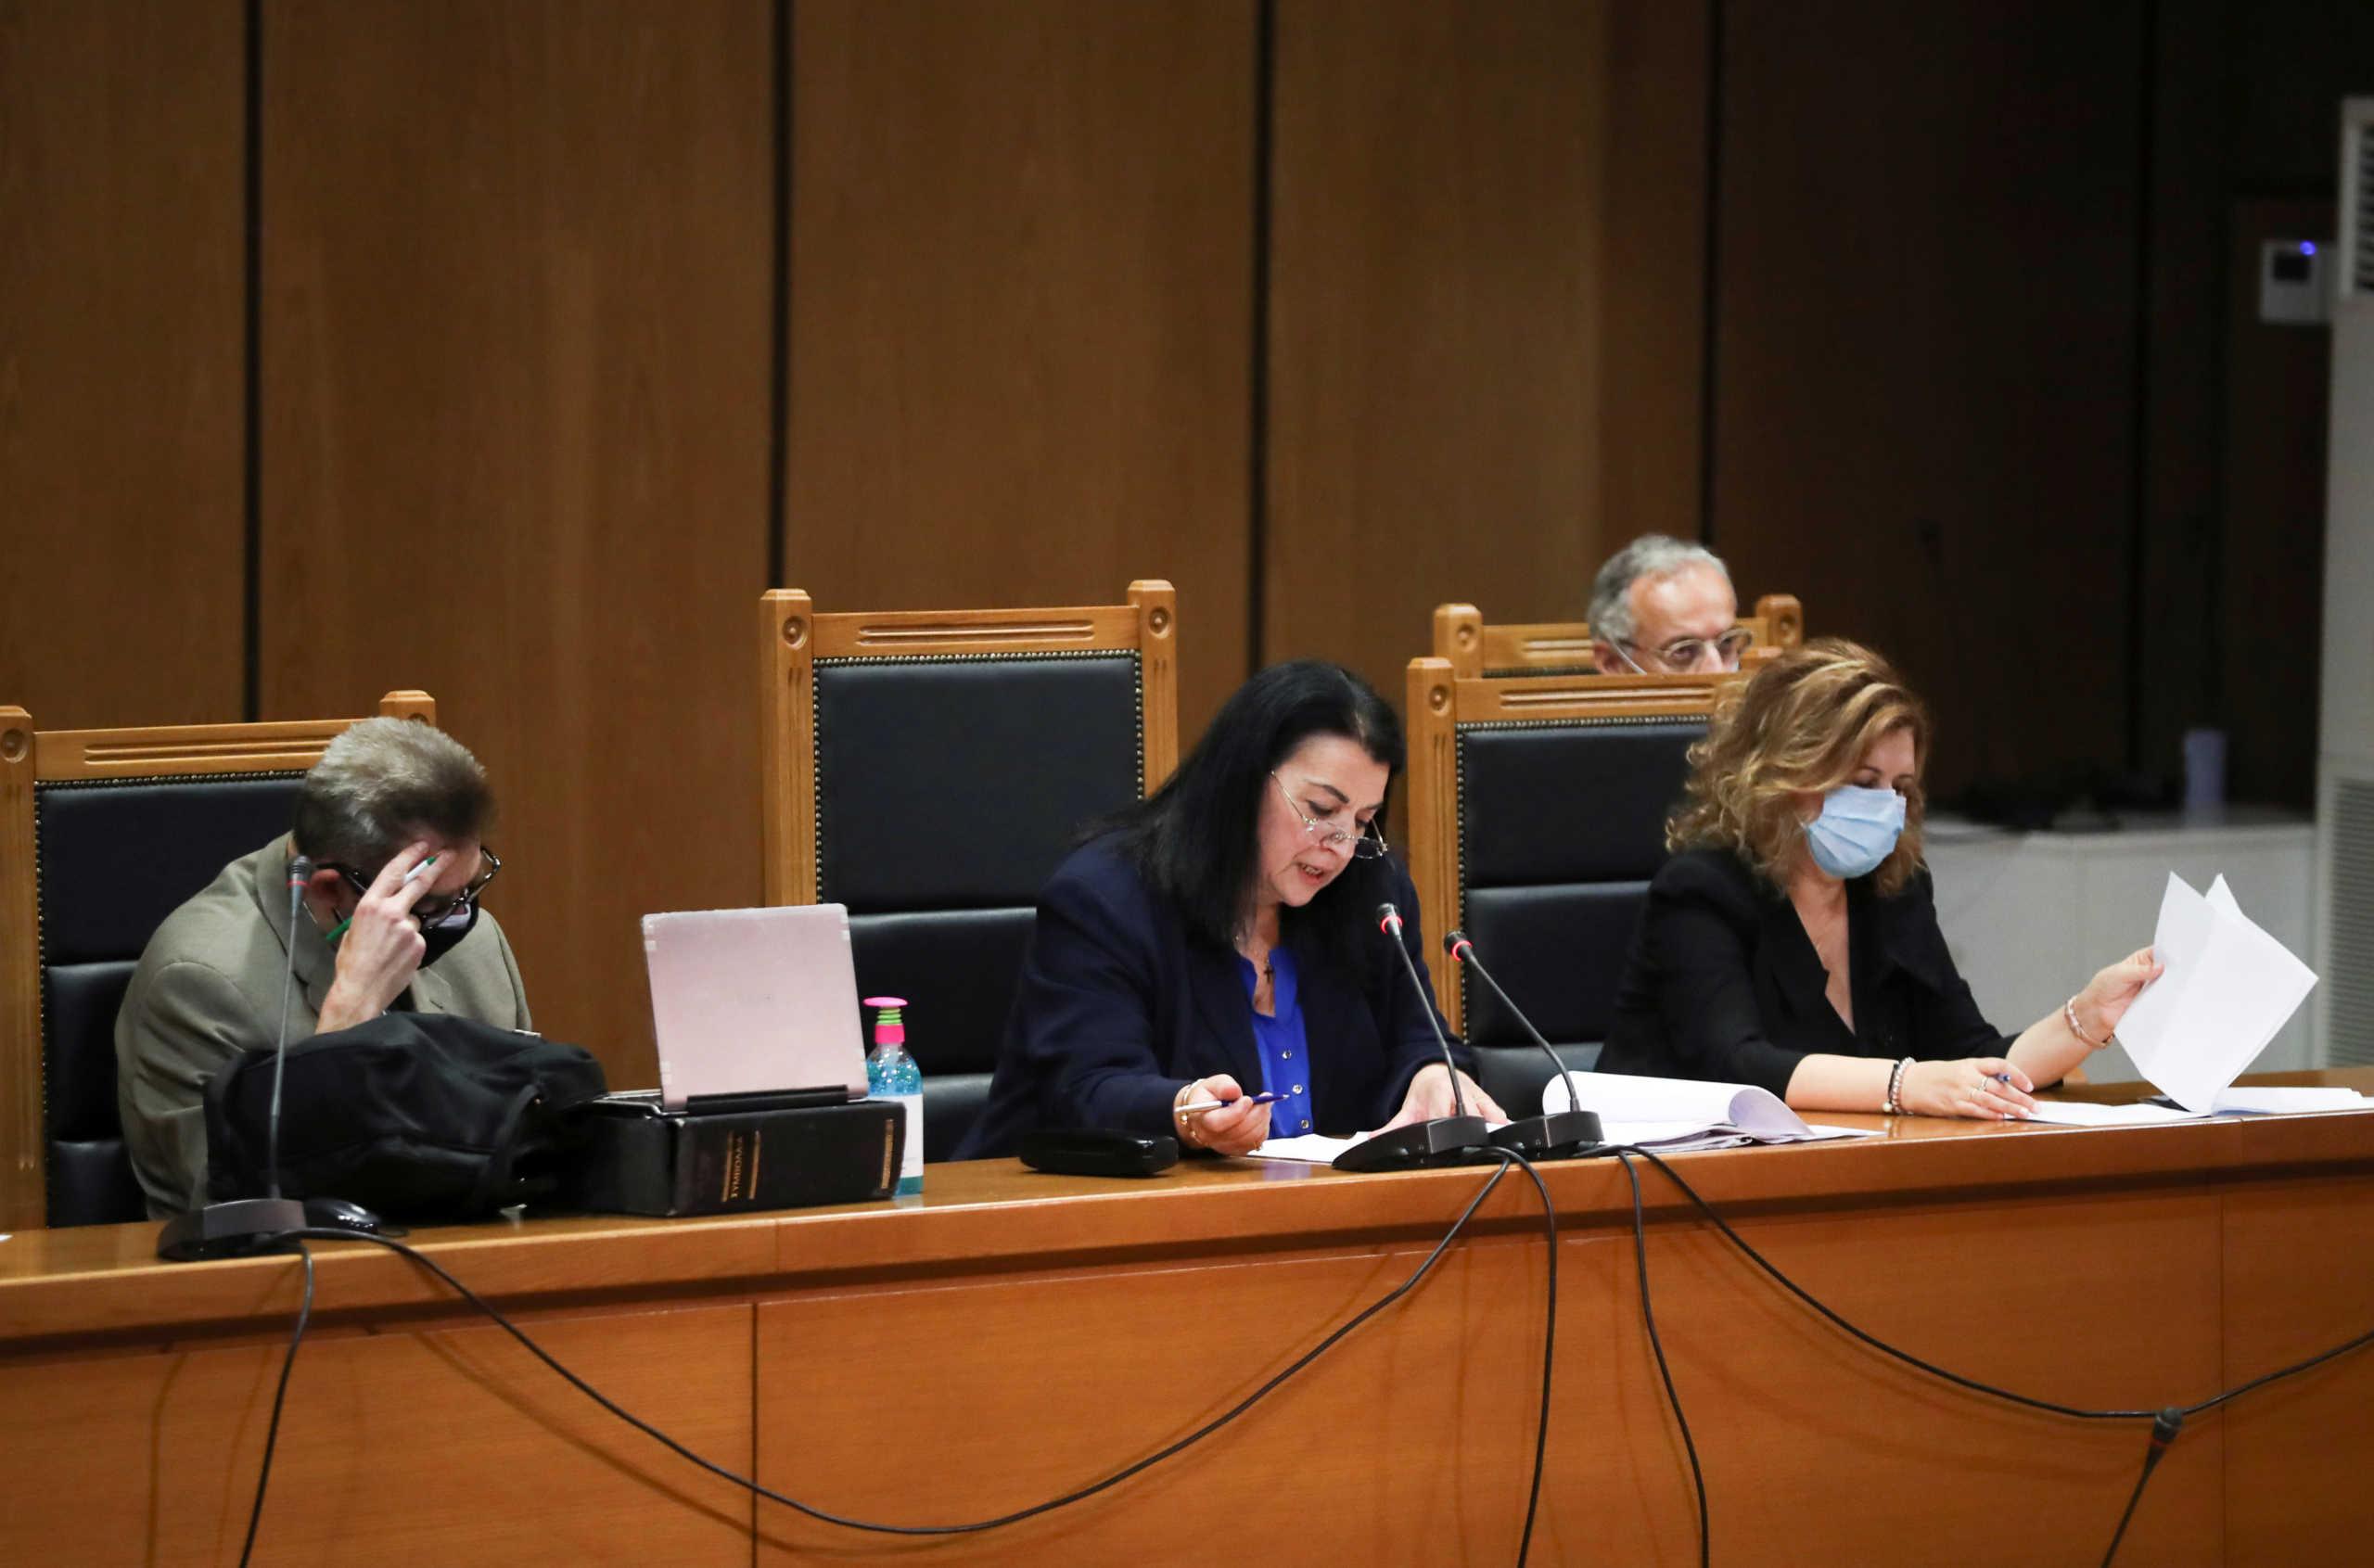 Δίκη Χρυσής Αυγής: Περιμένοντας τις ποινές – Τα ελαφρυντικά που ζήτησαν Ρουπακιάς και Πατέλης